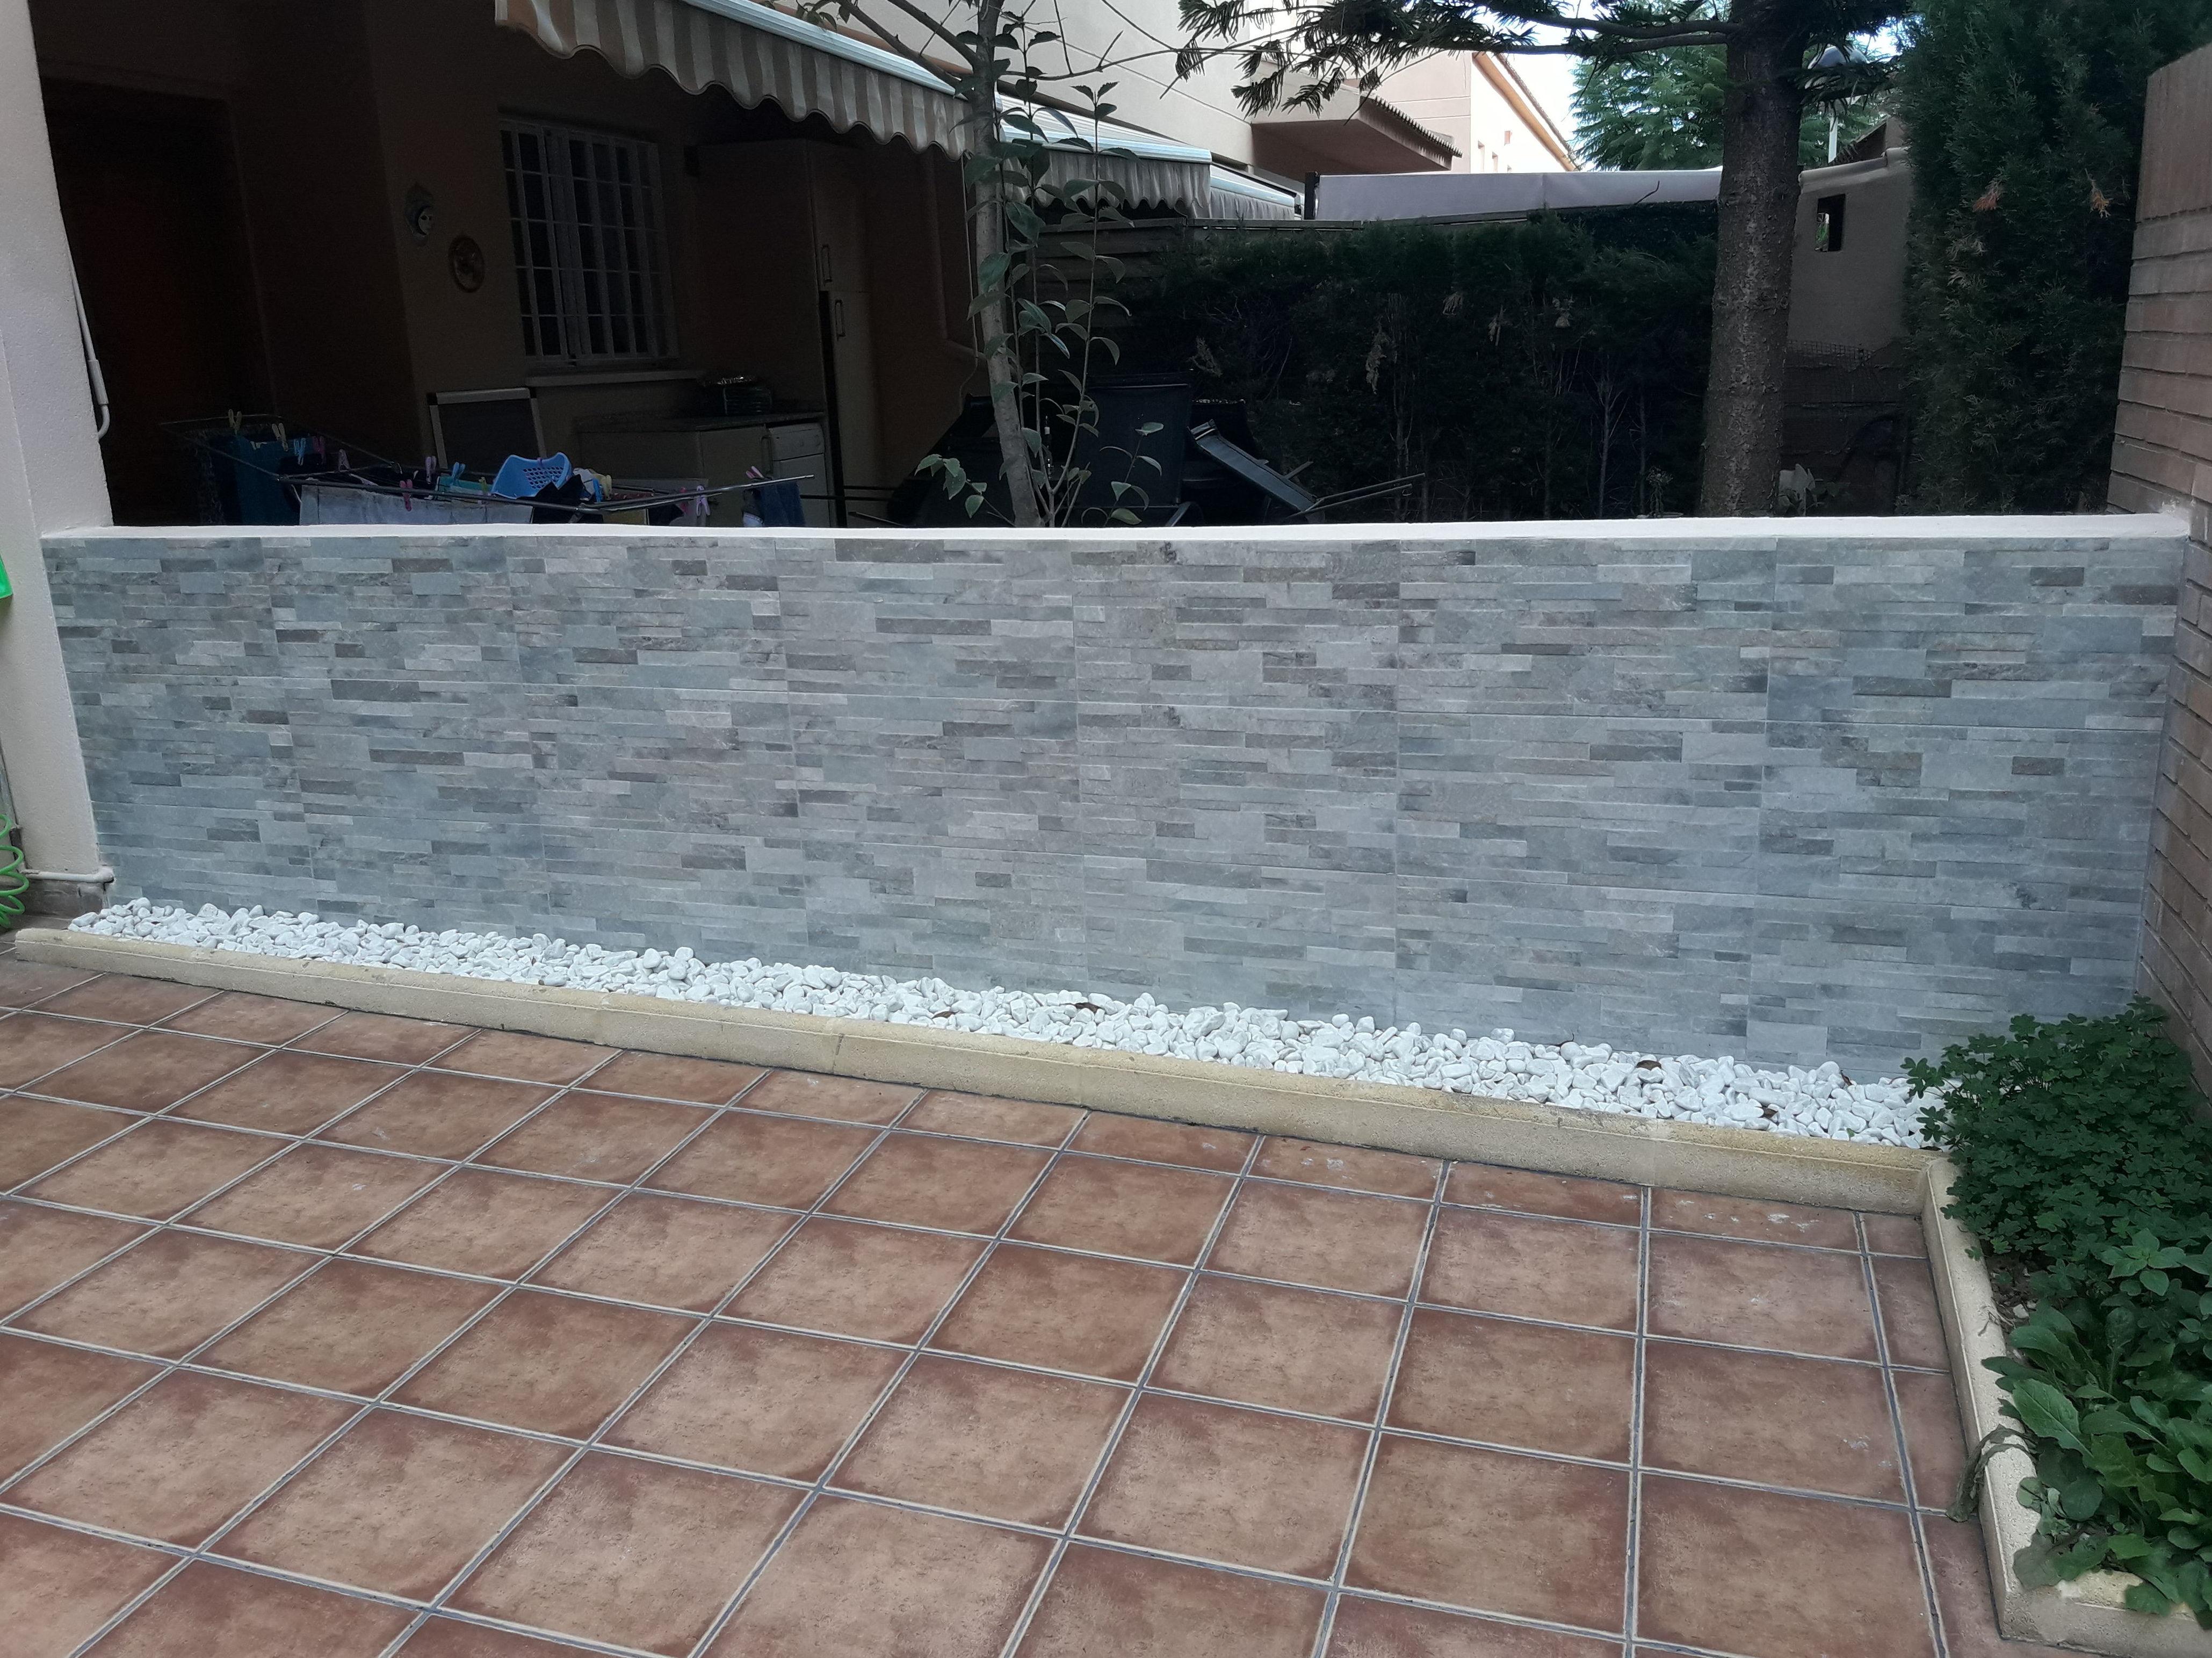 Muro medianera, chapado y jardinera con piedra decorativa.